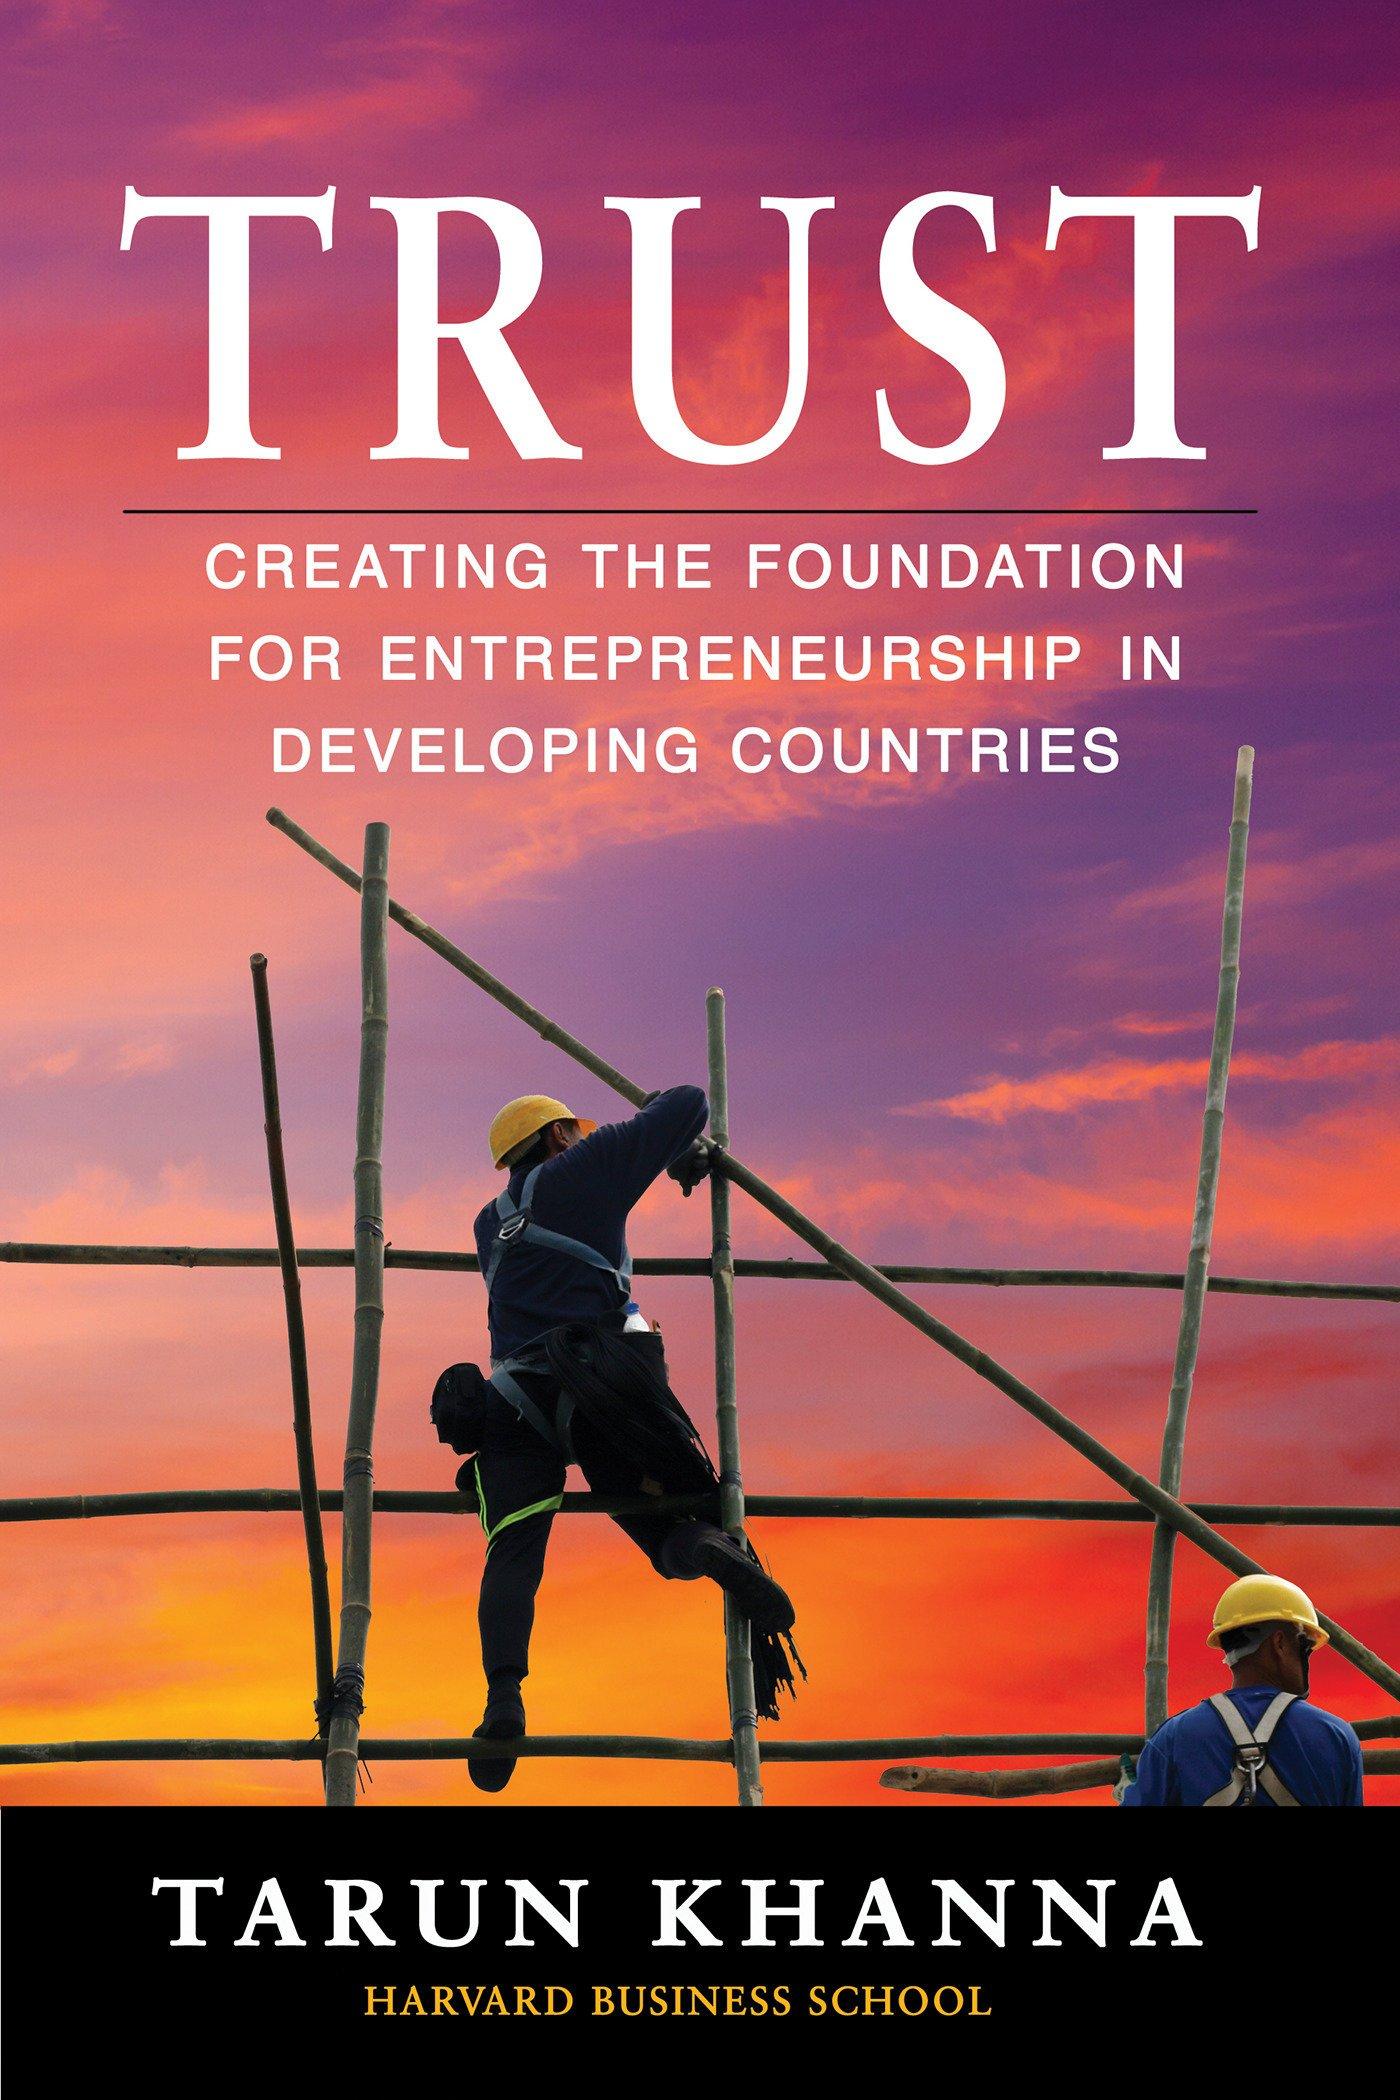 Trust: Creating the Foundation for Entrepreneurship in